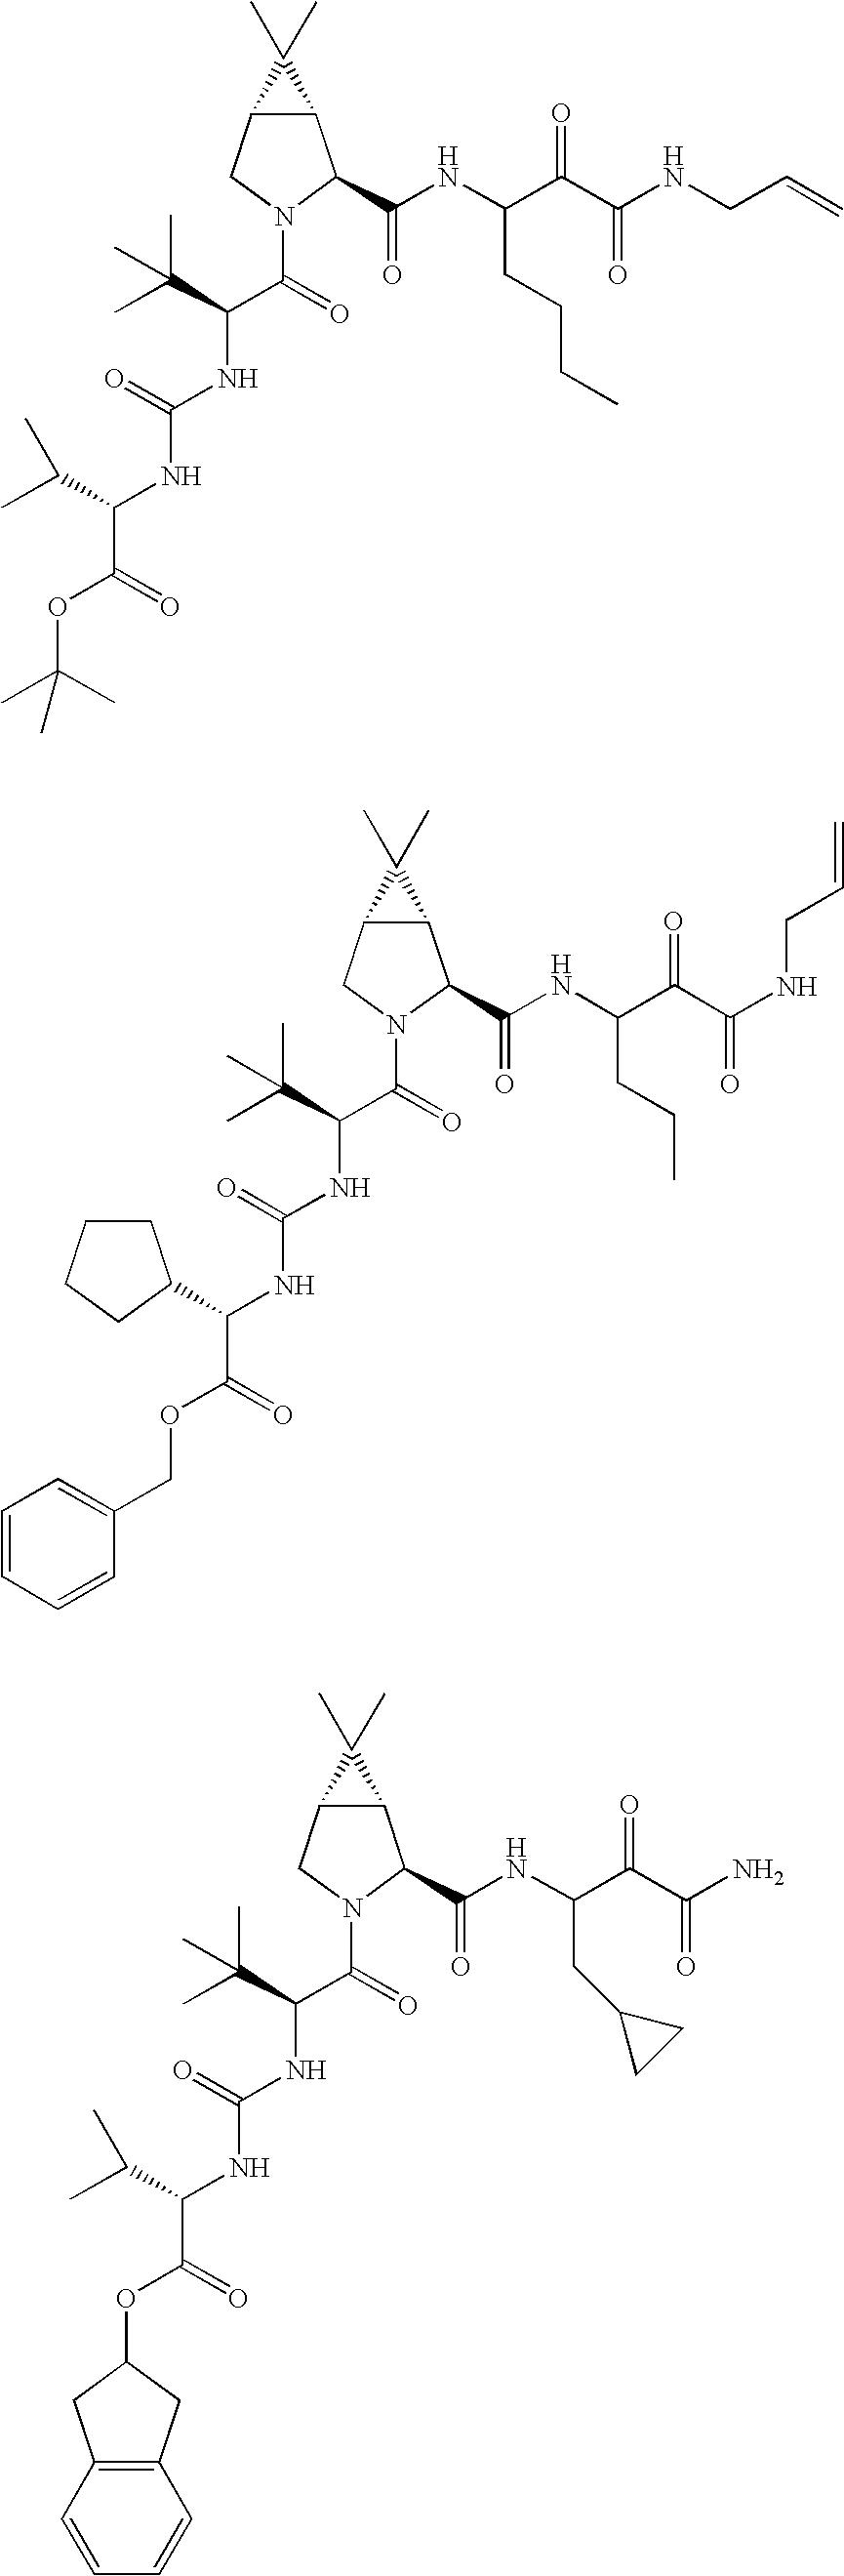 Figure US20060287248A1-20061221-C00277